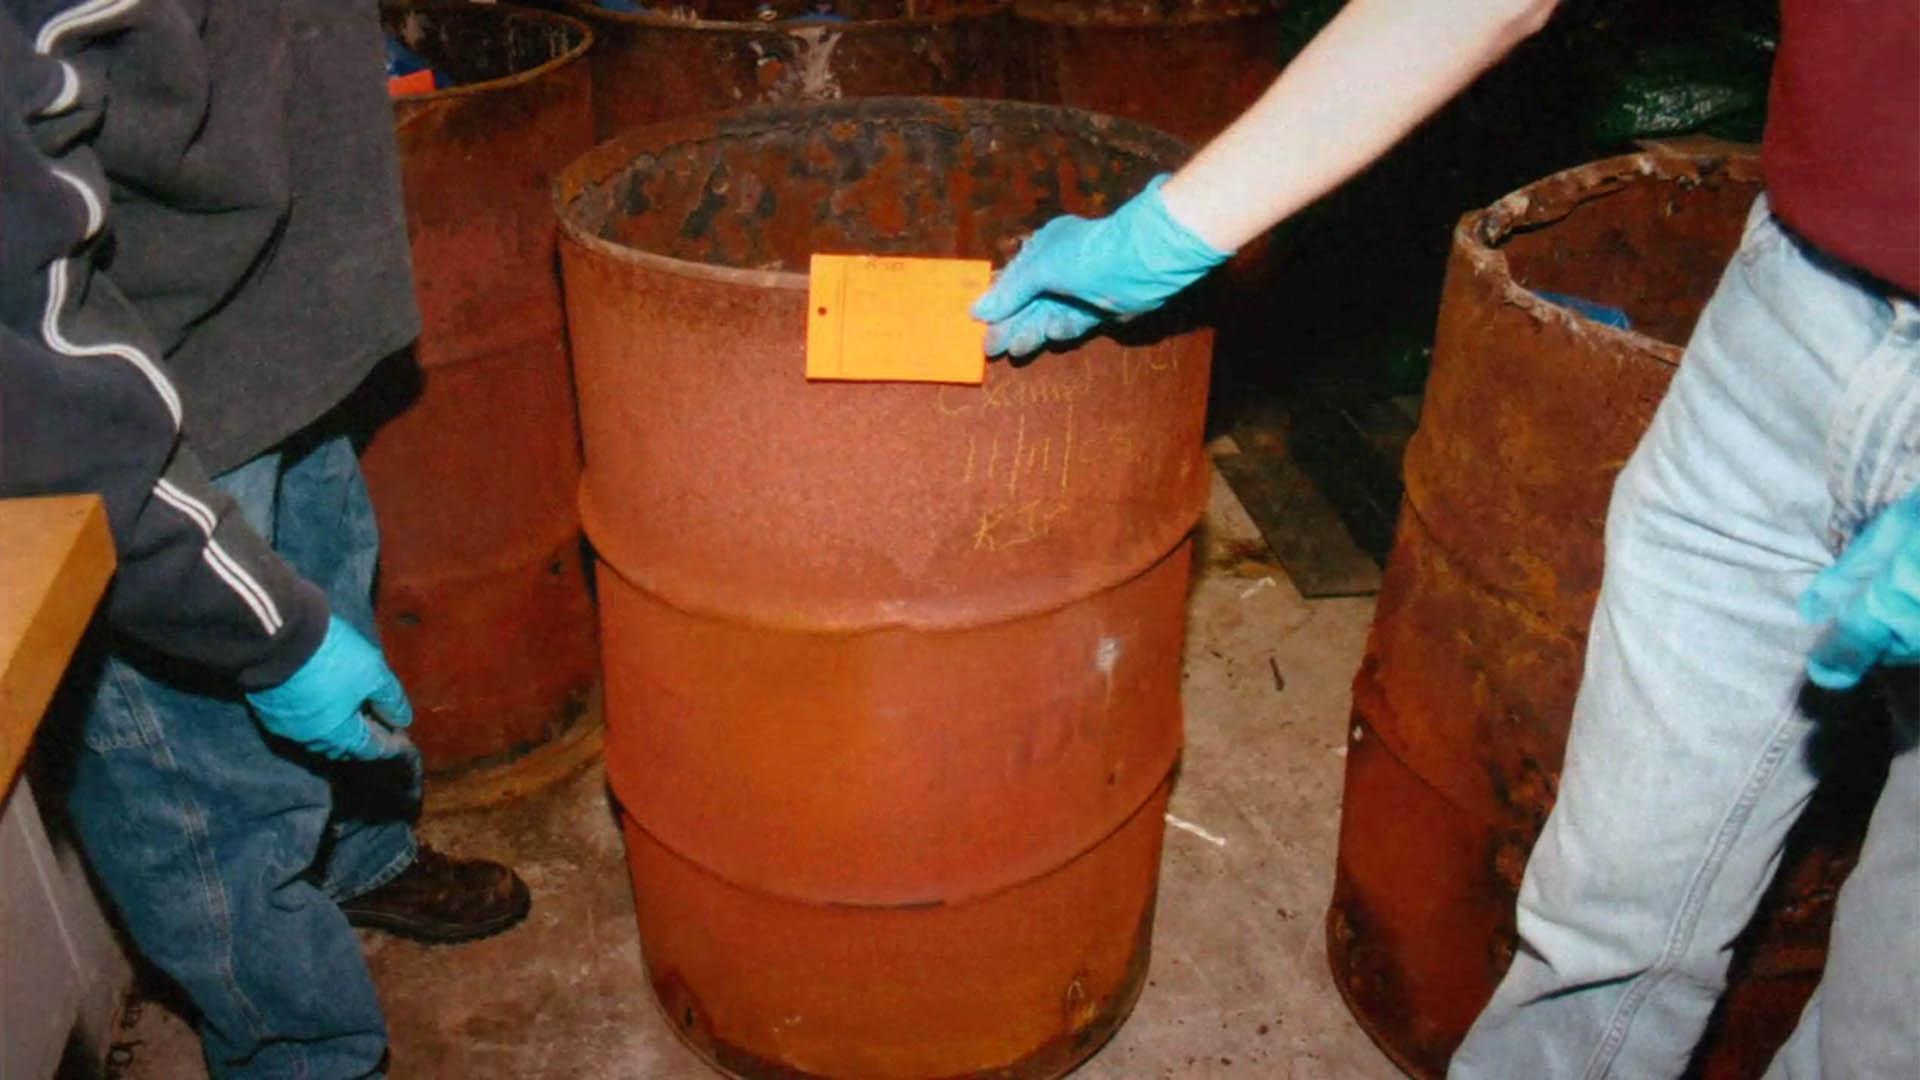 exhibit-burn-barrel-evidence